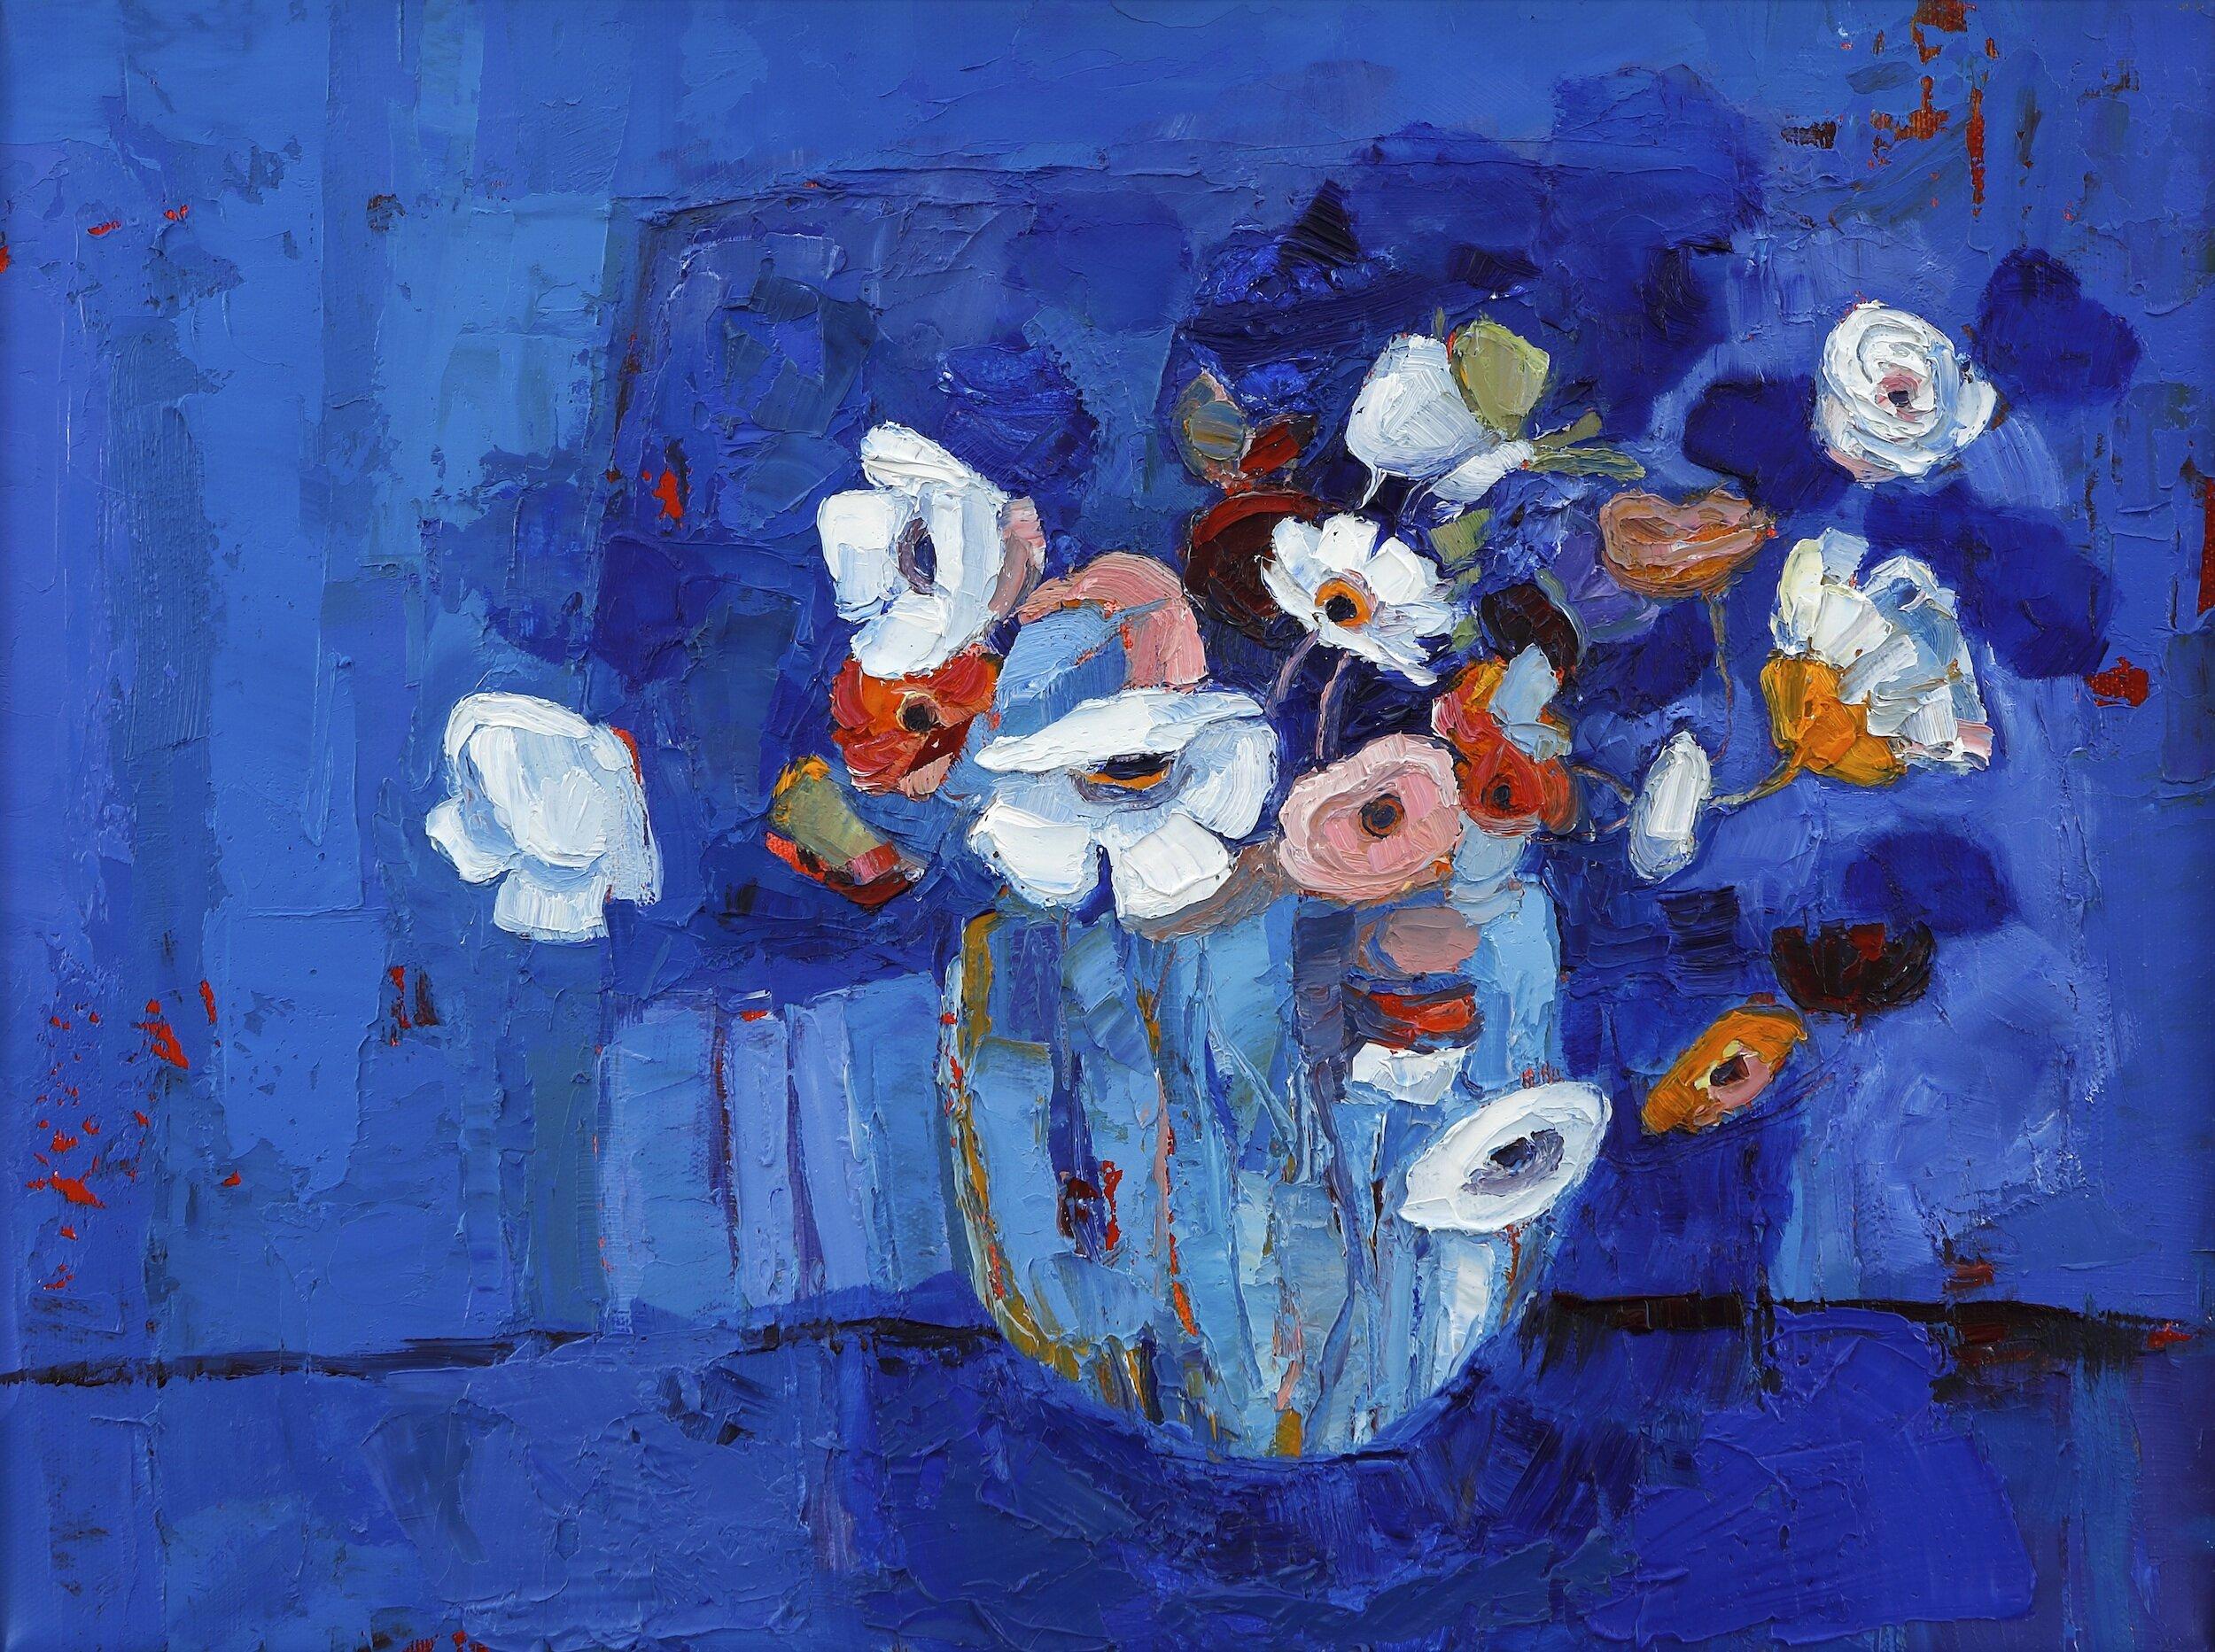 Title: Some Va-Va Voom  Size: 12x16in  Medium: Oil on Canvas  Price: £1950